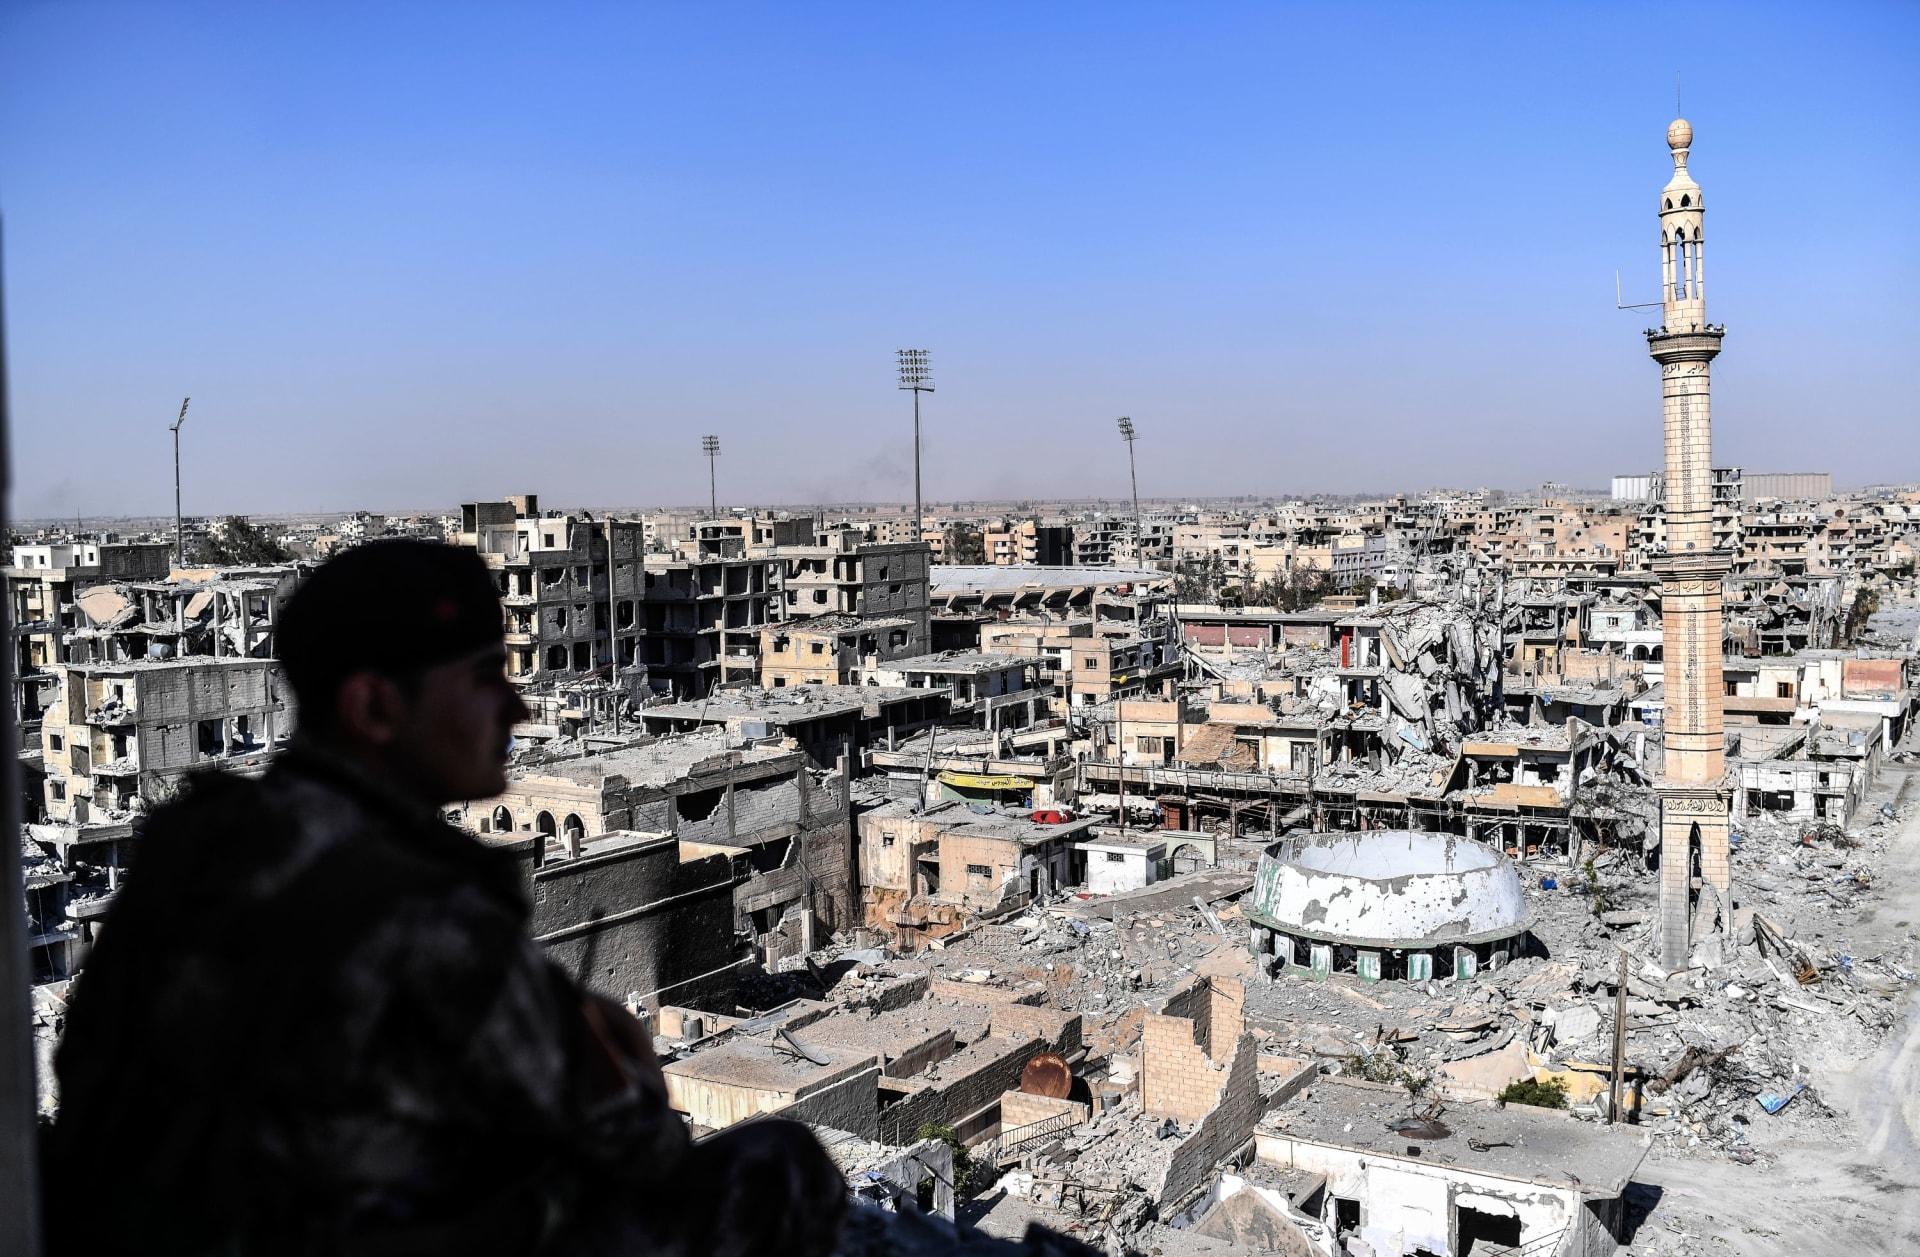 داعش يفقد عاصمته بالرقة.. ماذا يحمل المستقبل للتنظيم والمدينة؟